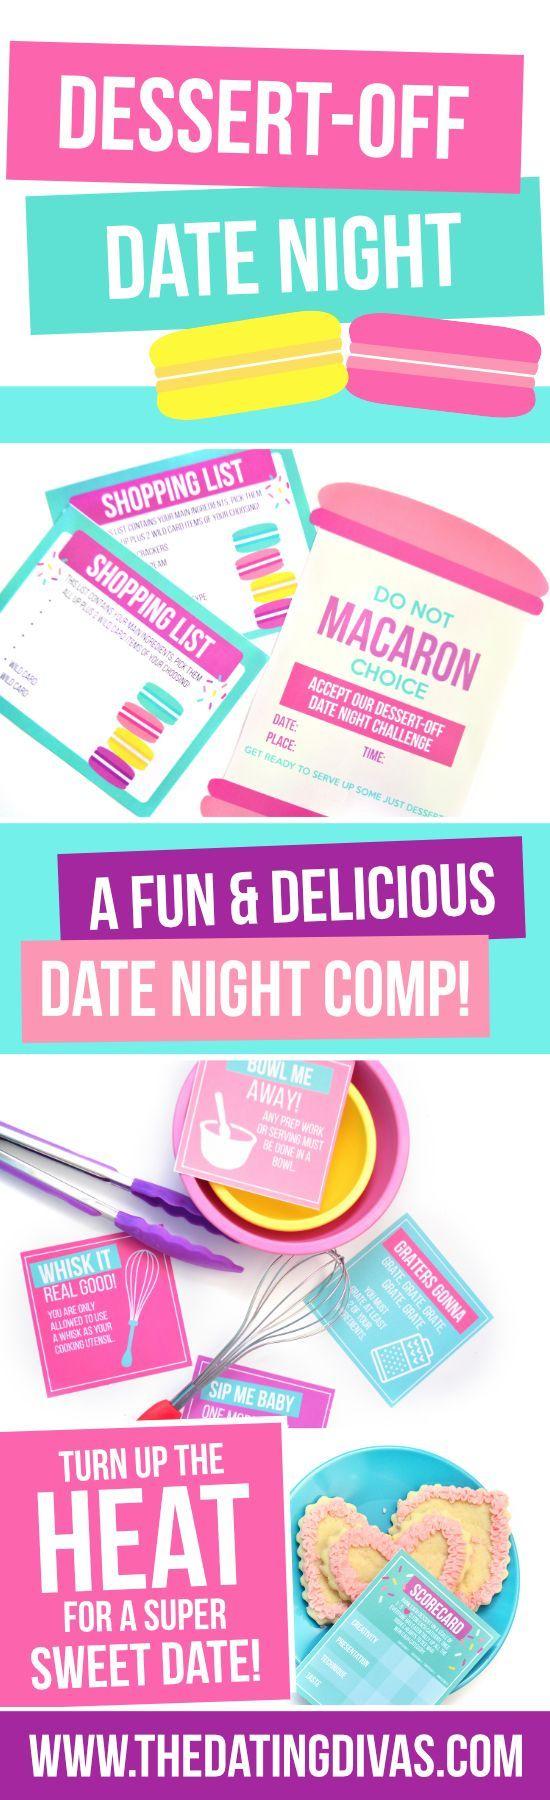 DessertOff Date Night Dessert Competition so much better